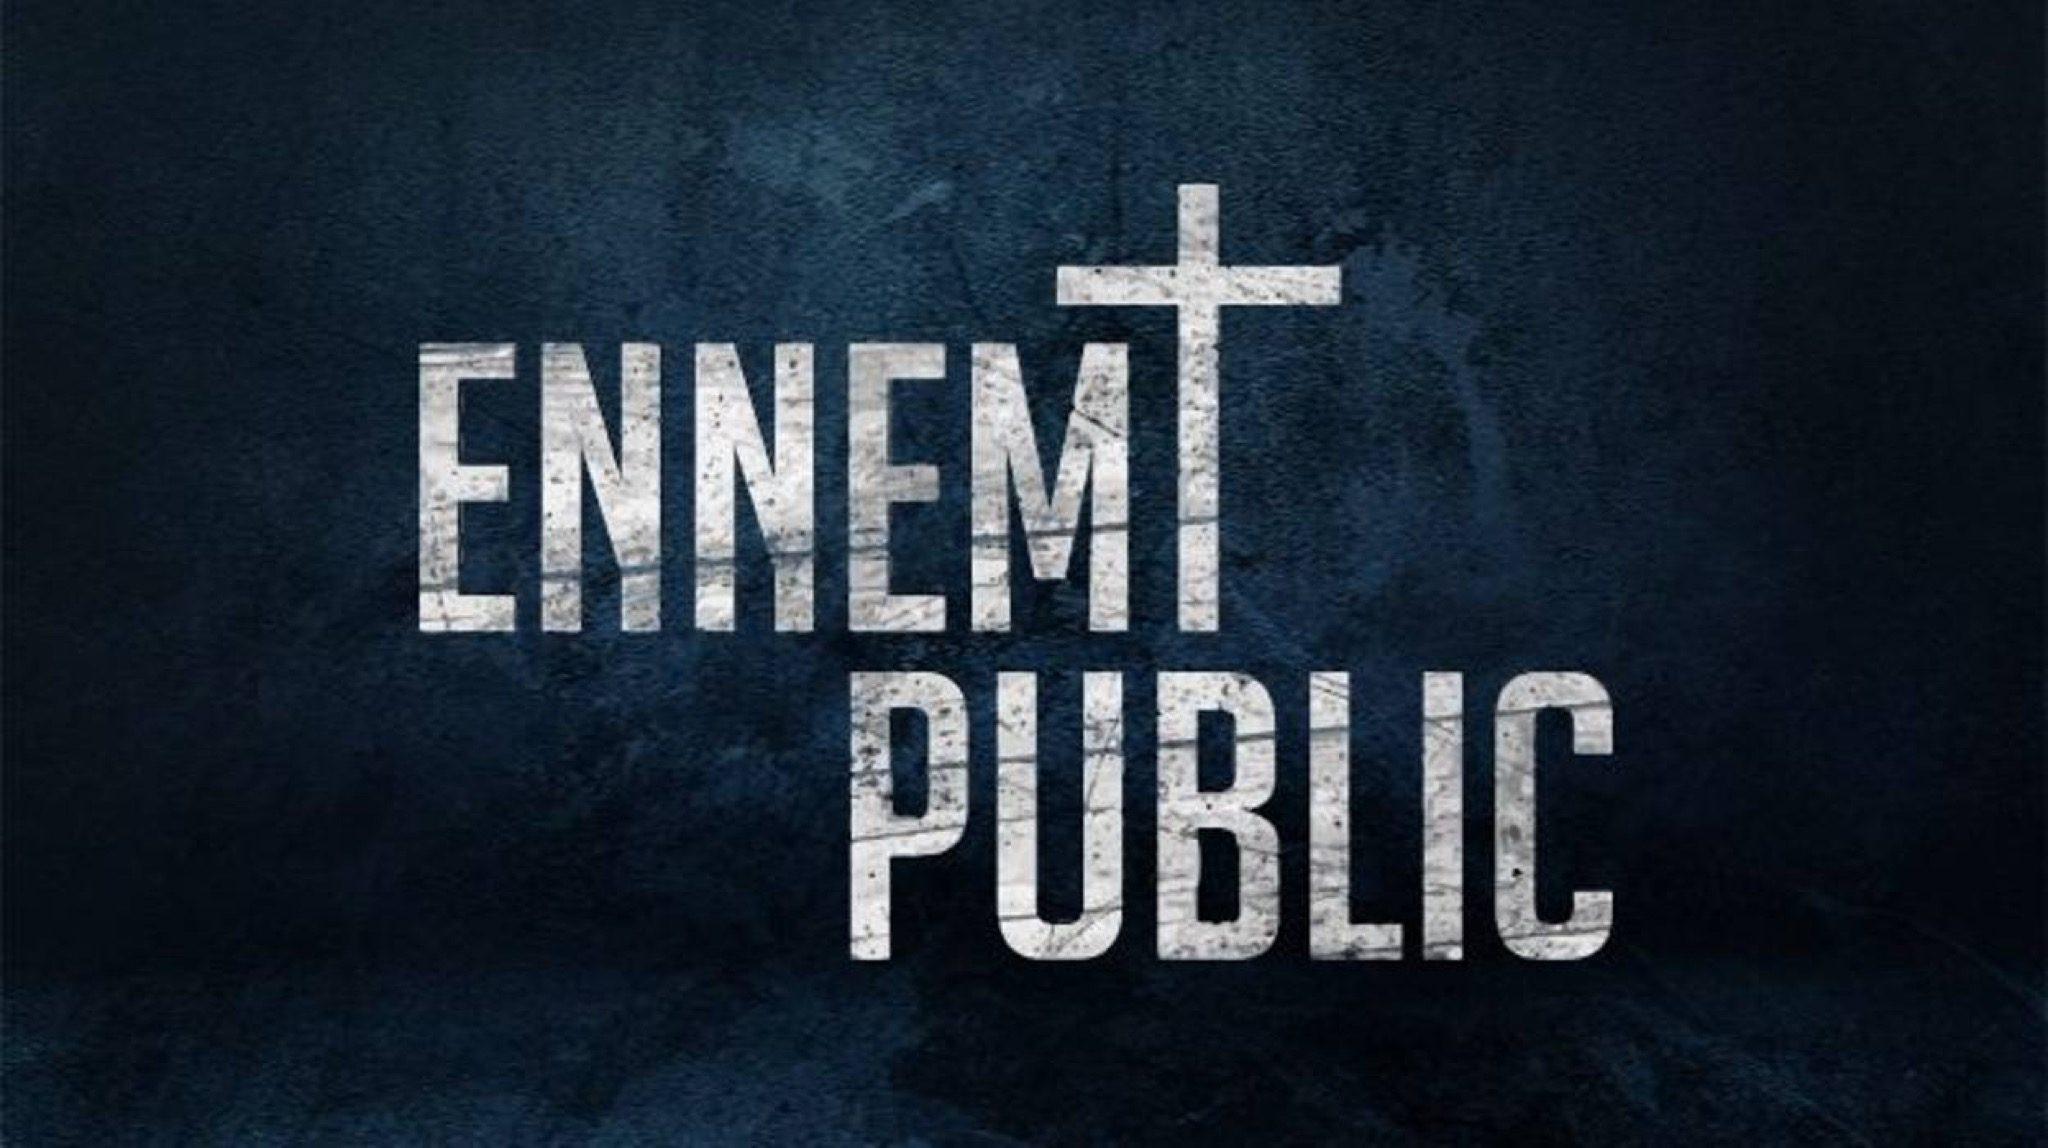 ennemi public poster